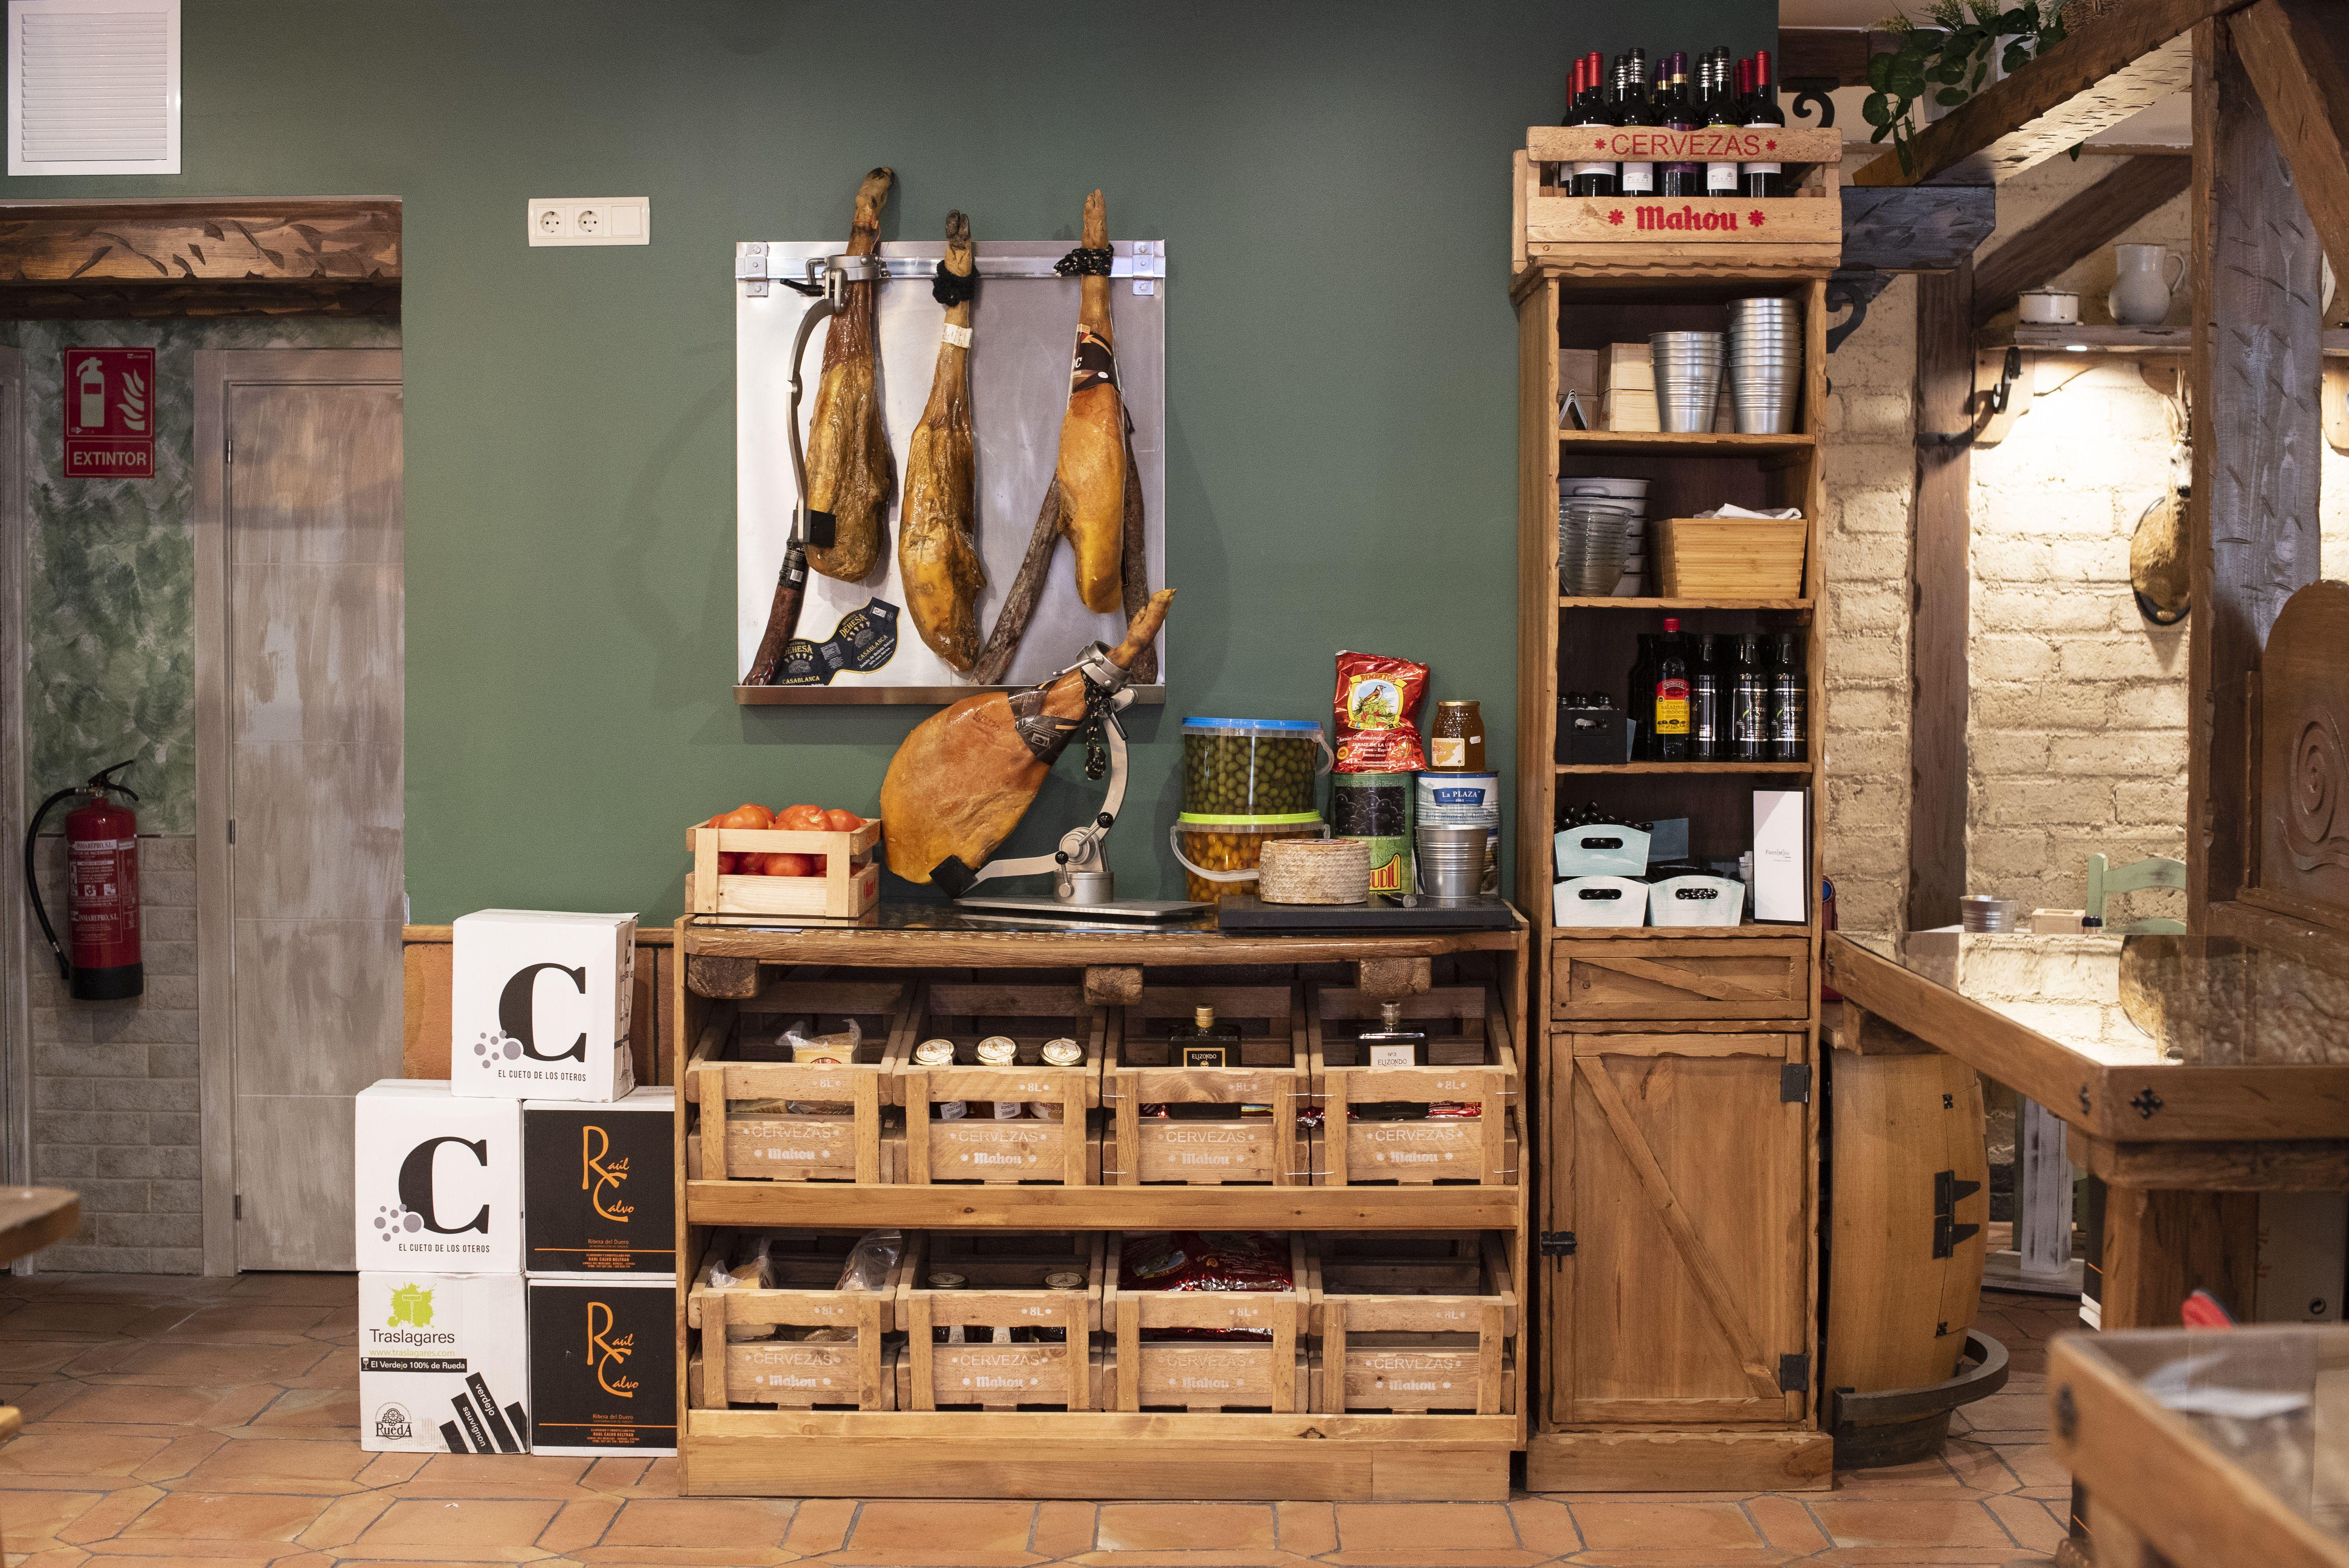 Restaurante con ambiente acogedor en Móstoles